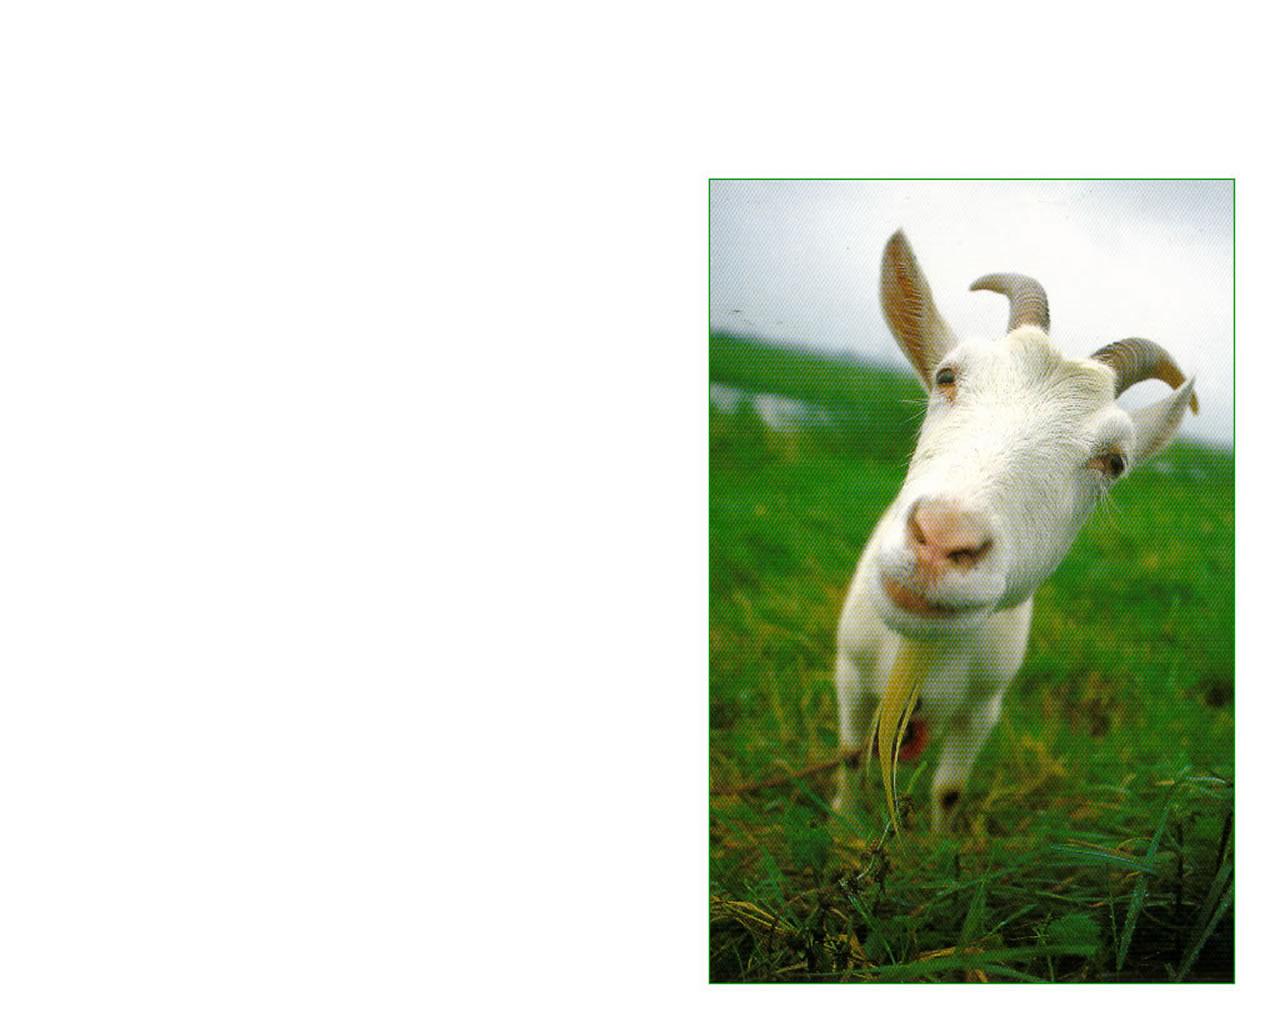 download wallpaper: een geit in de wei wallpaper